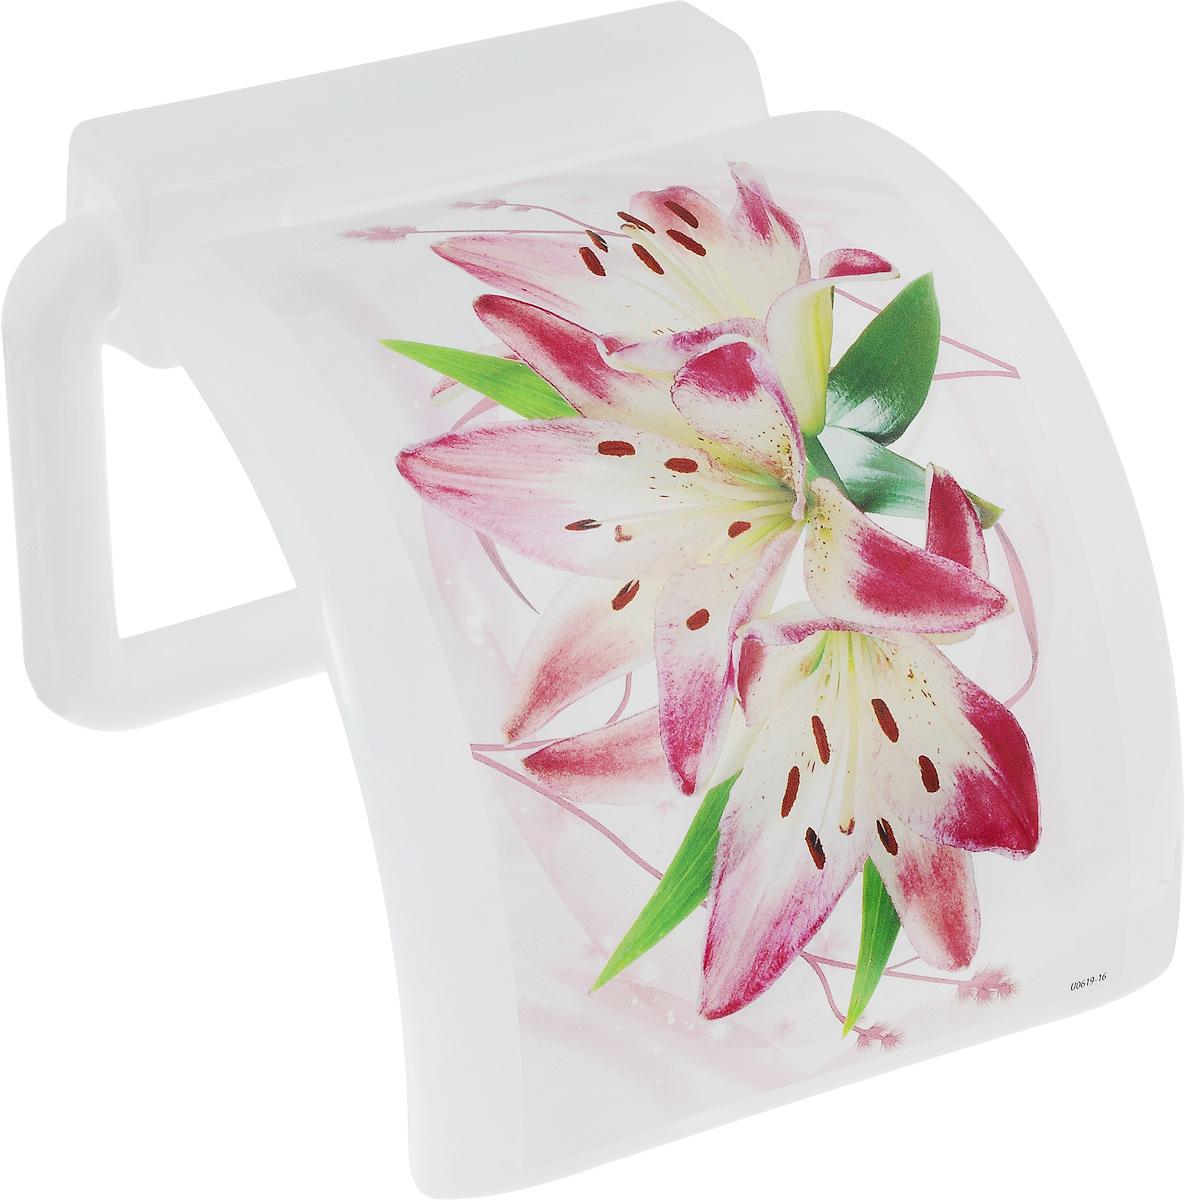 """Держатель для туалетной бумаги Idea """"Деко. Лилия"""" изготовлен из прочного пластика и оснащен крышкой.  На задней стенке изделия имеются 2 отверстия для подвешивания.  Размер держателя: 15 х 13 х 9 см."""